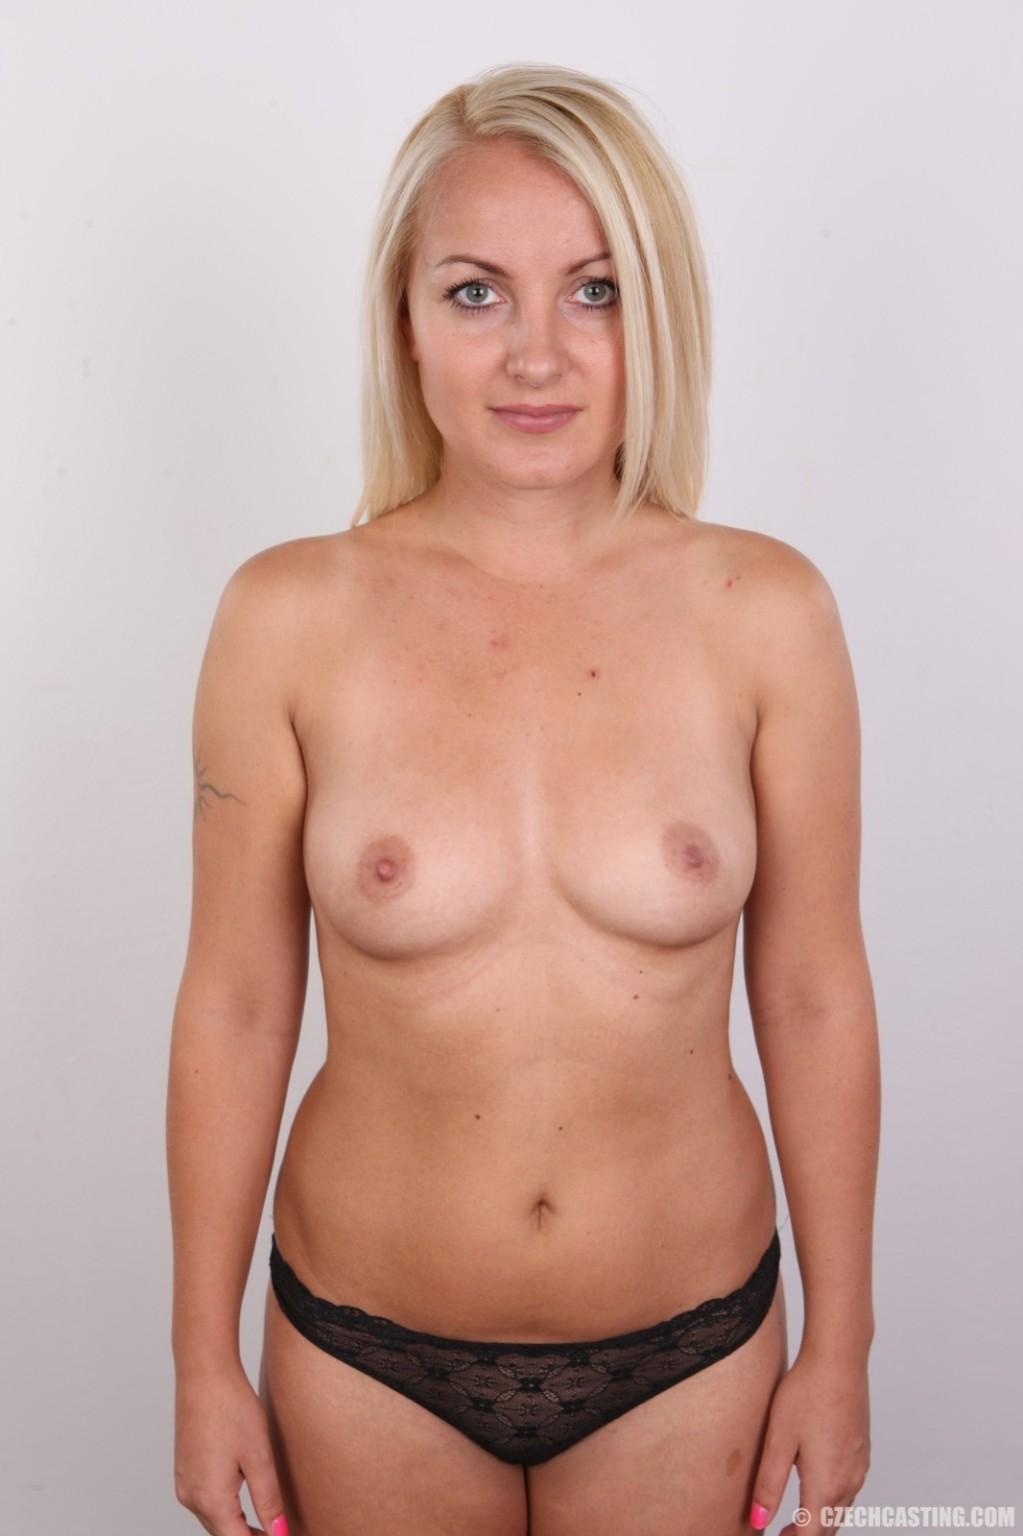 Блонда с рисунком бабочки на спине имеет неплохие формы, ее пизденка тоже весьма неплоха